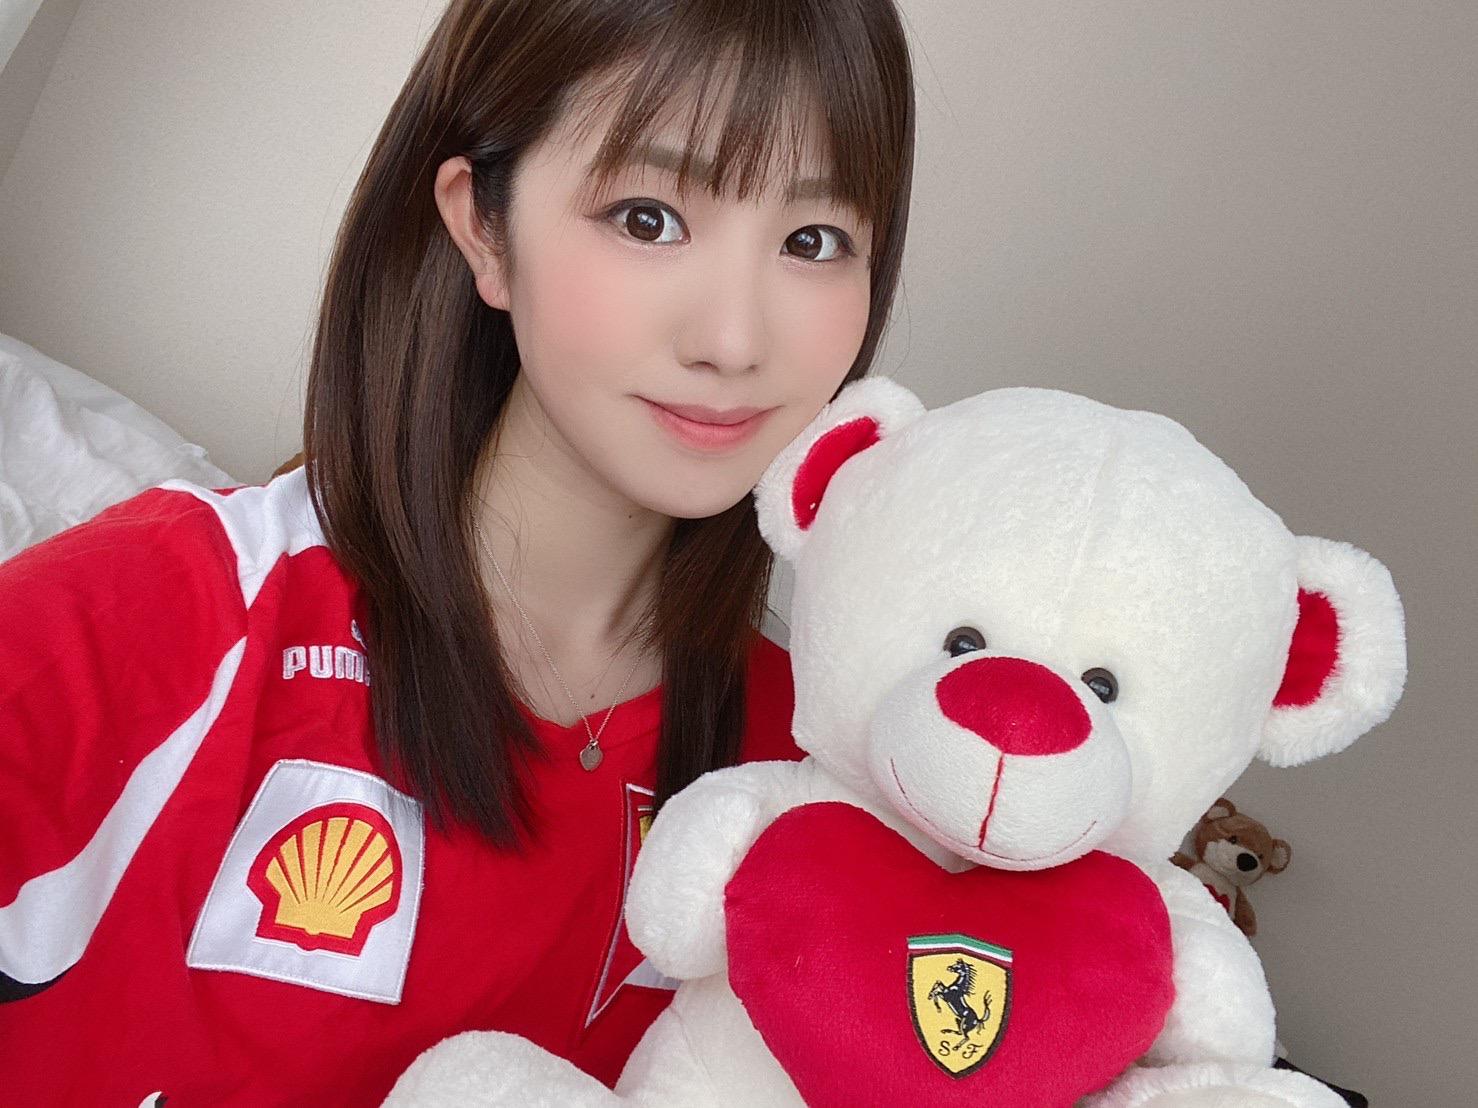 梅本まどかはついに初めての愛車、真っ赤なトヨタ86を購入しました!【隔週刊☆うめまど通信vol.17】